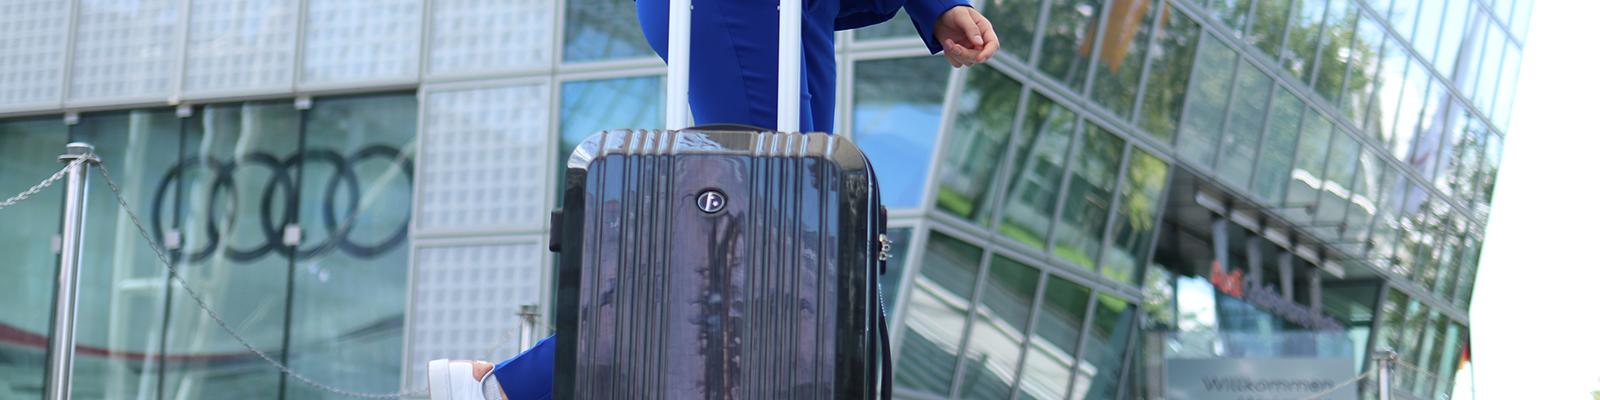 KofferRatgeber